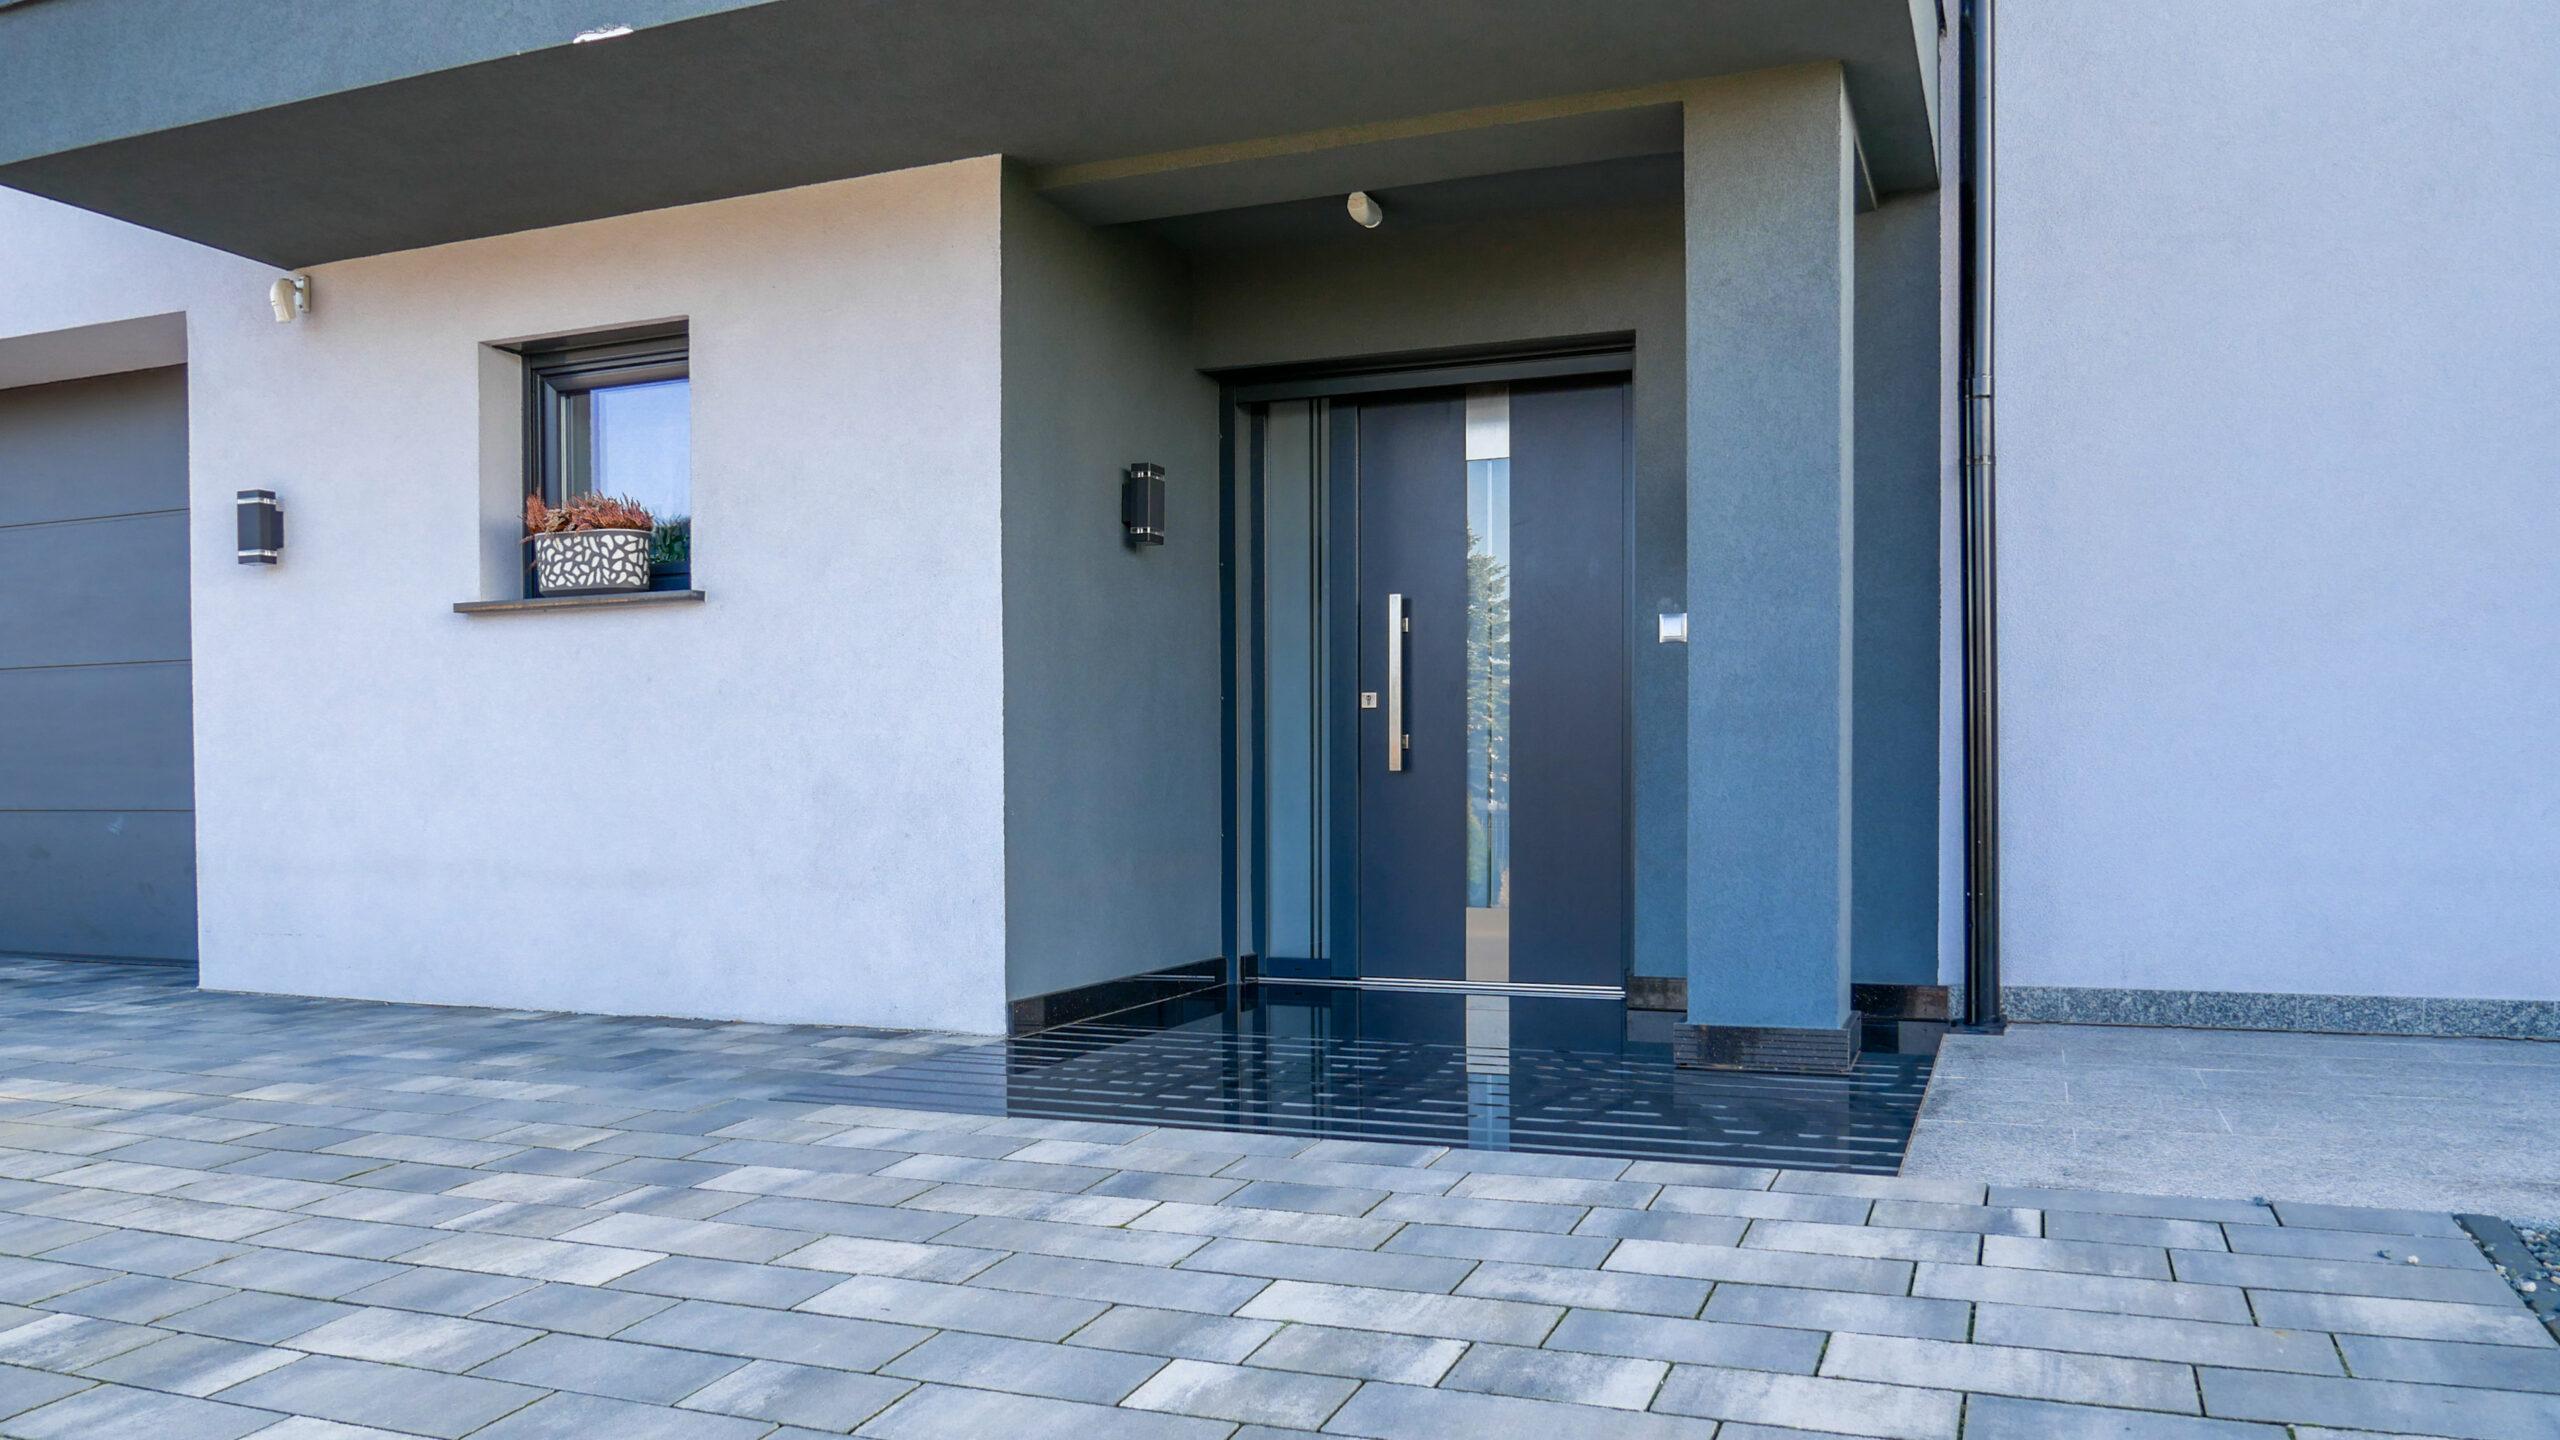 drzwi do nowego domu molitor 7 (1 of 1)